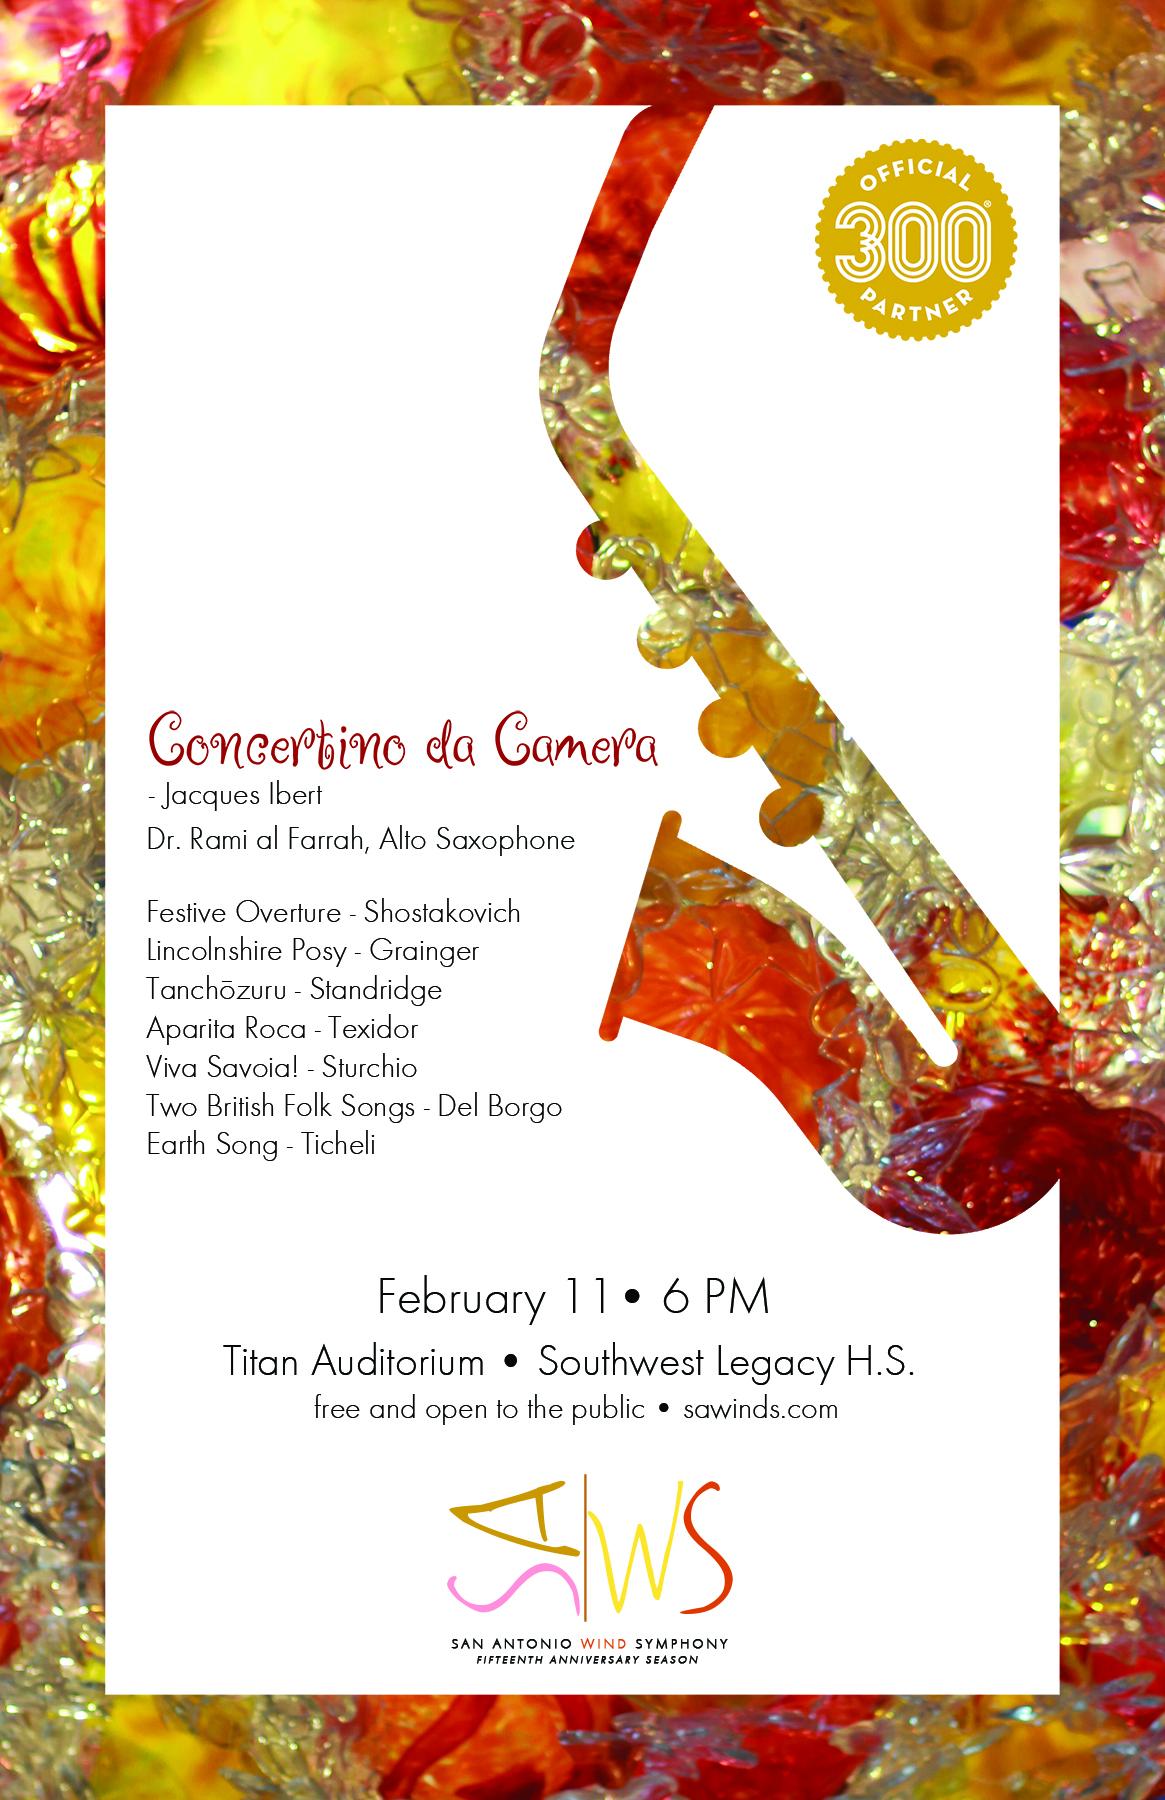 Concertino Da Camera Poster Final Version small.jpg